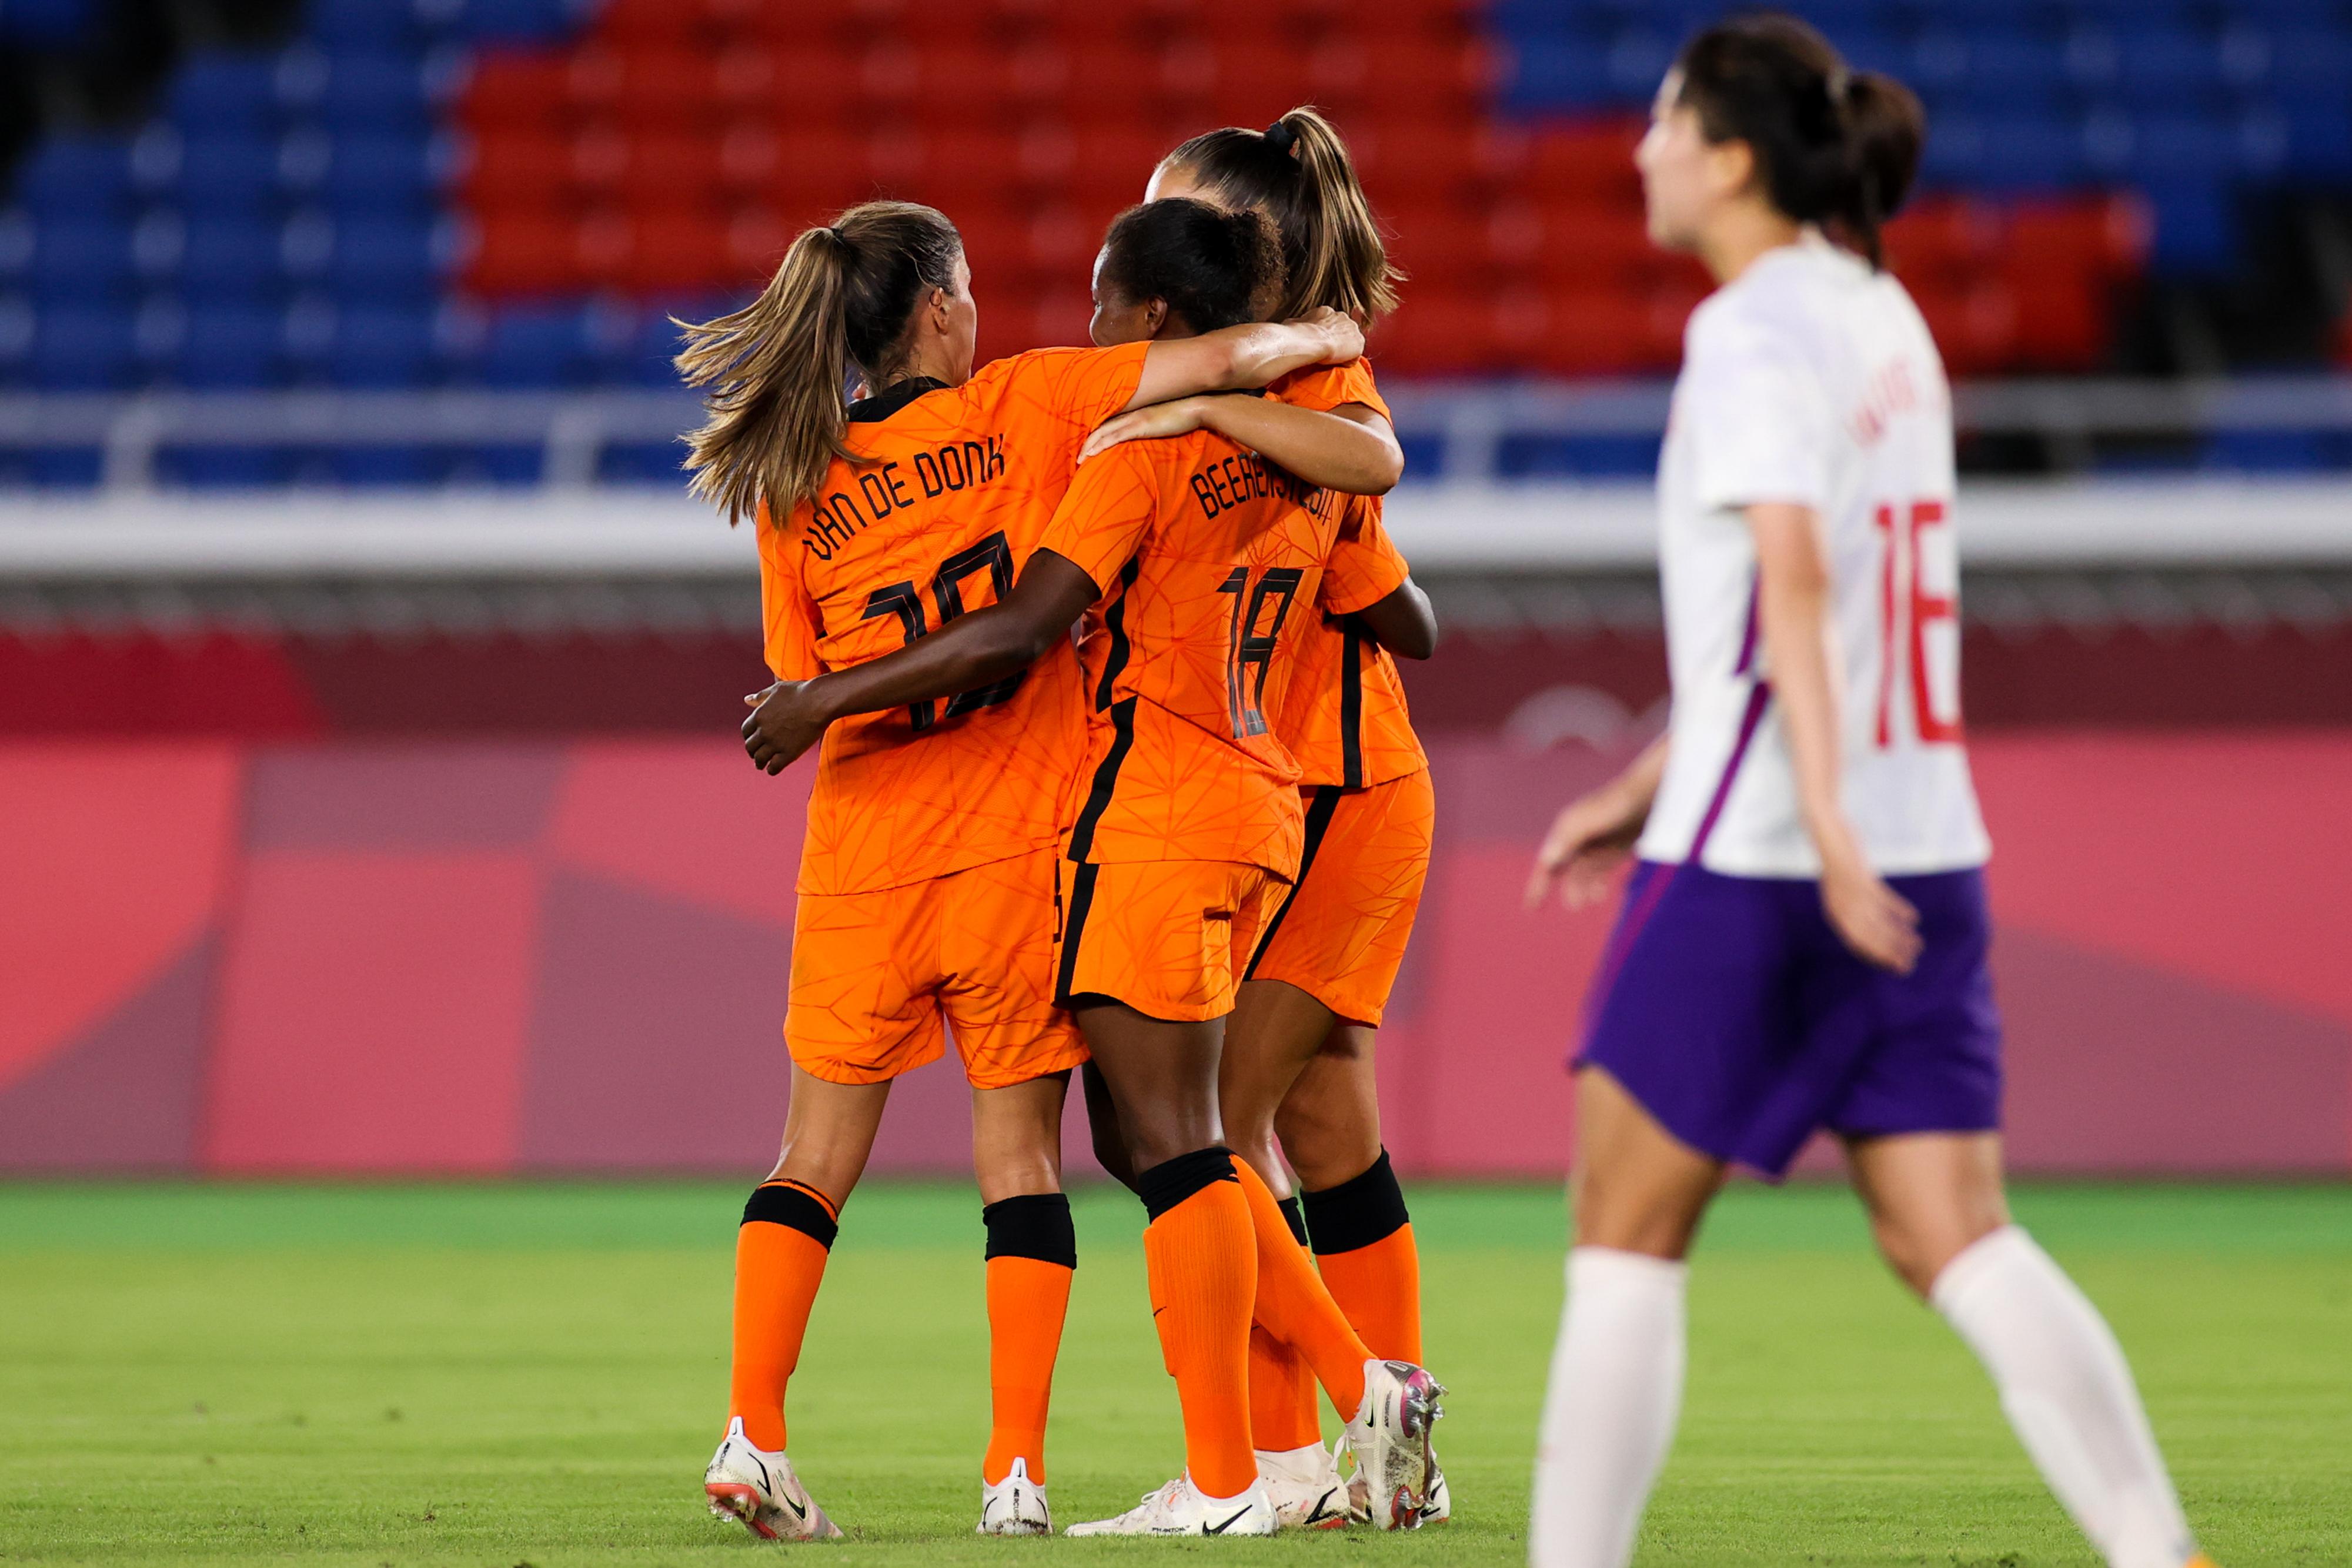 荷兰女足展现了自己的强大。